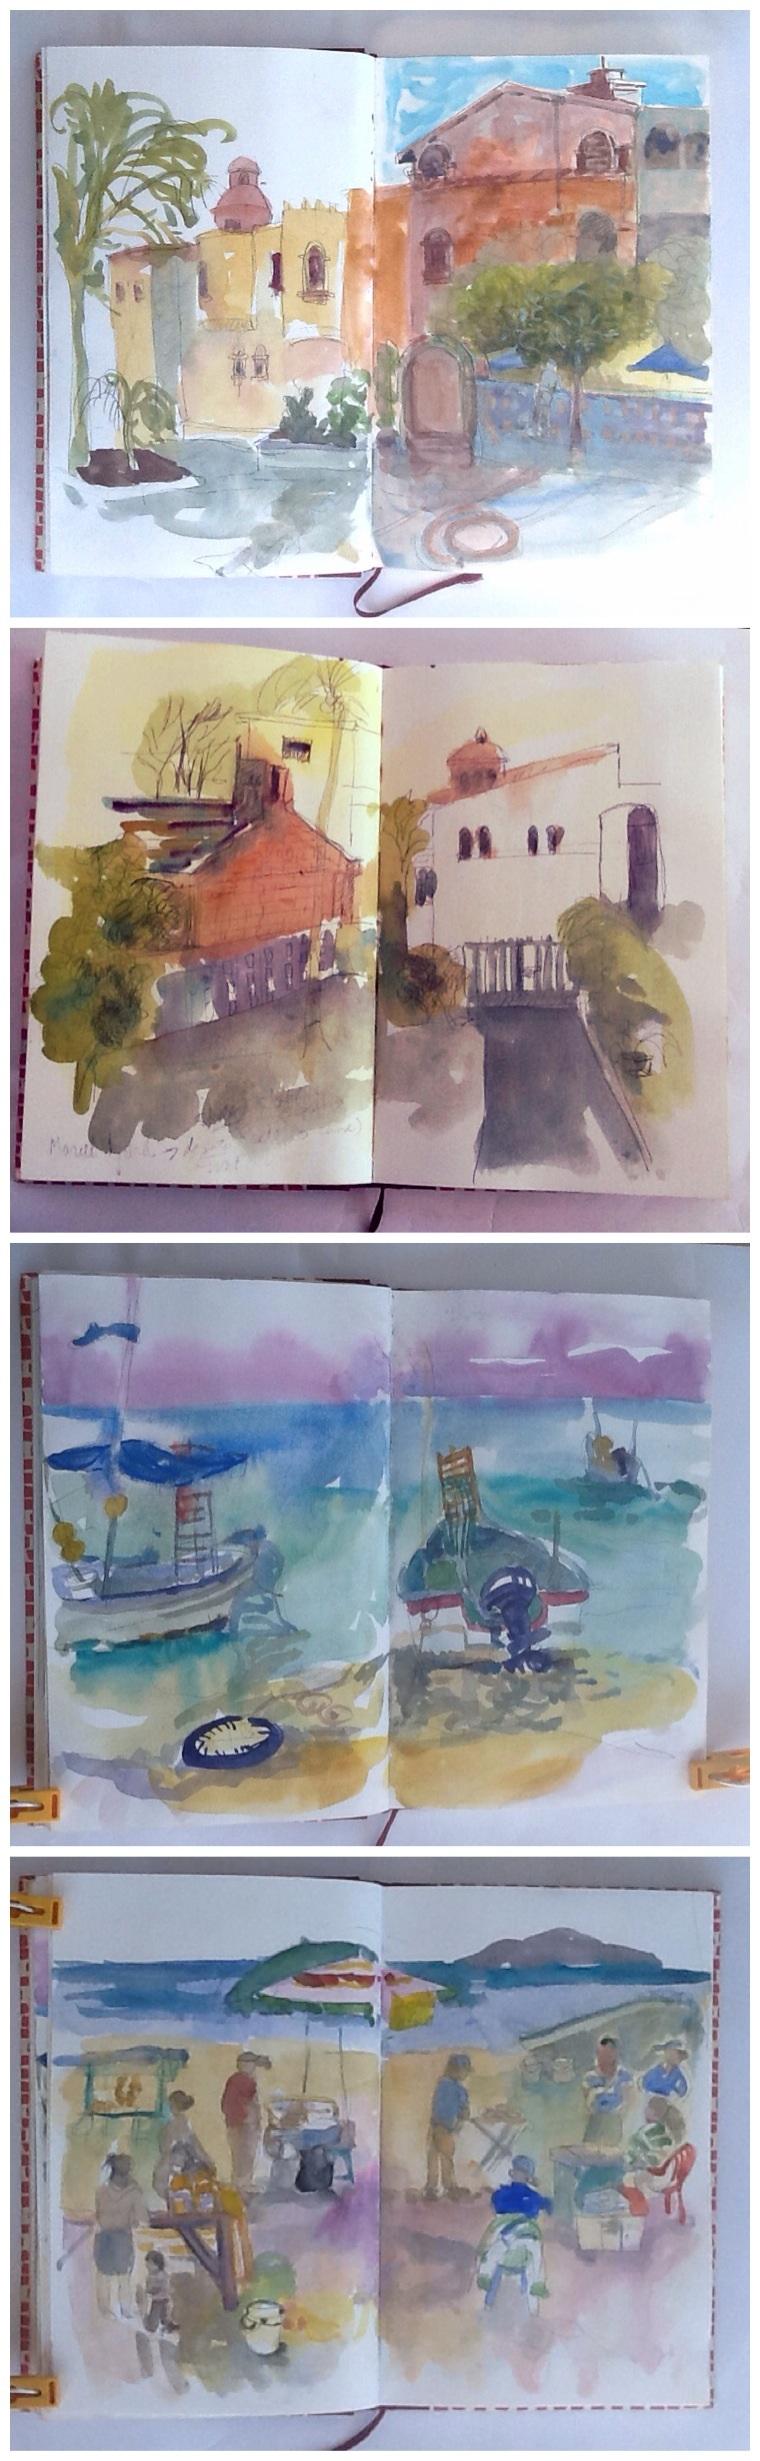 My sketchbook mx 2014